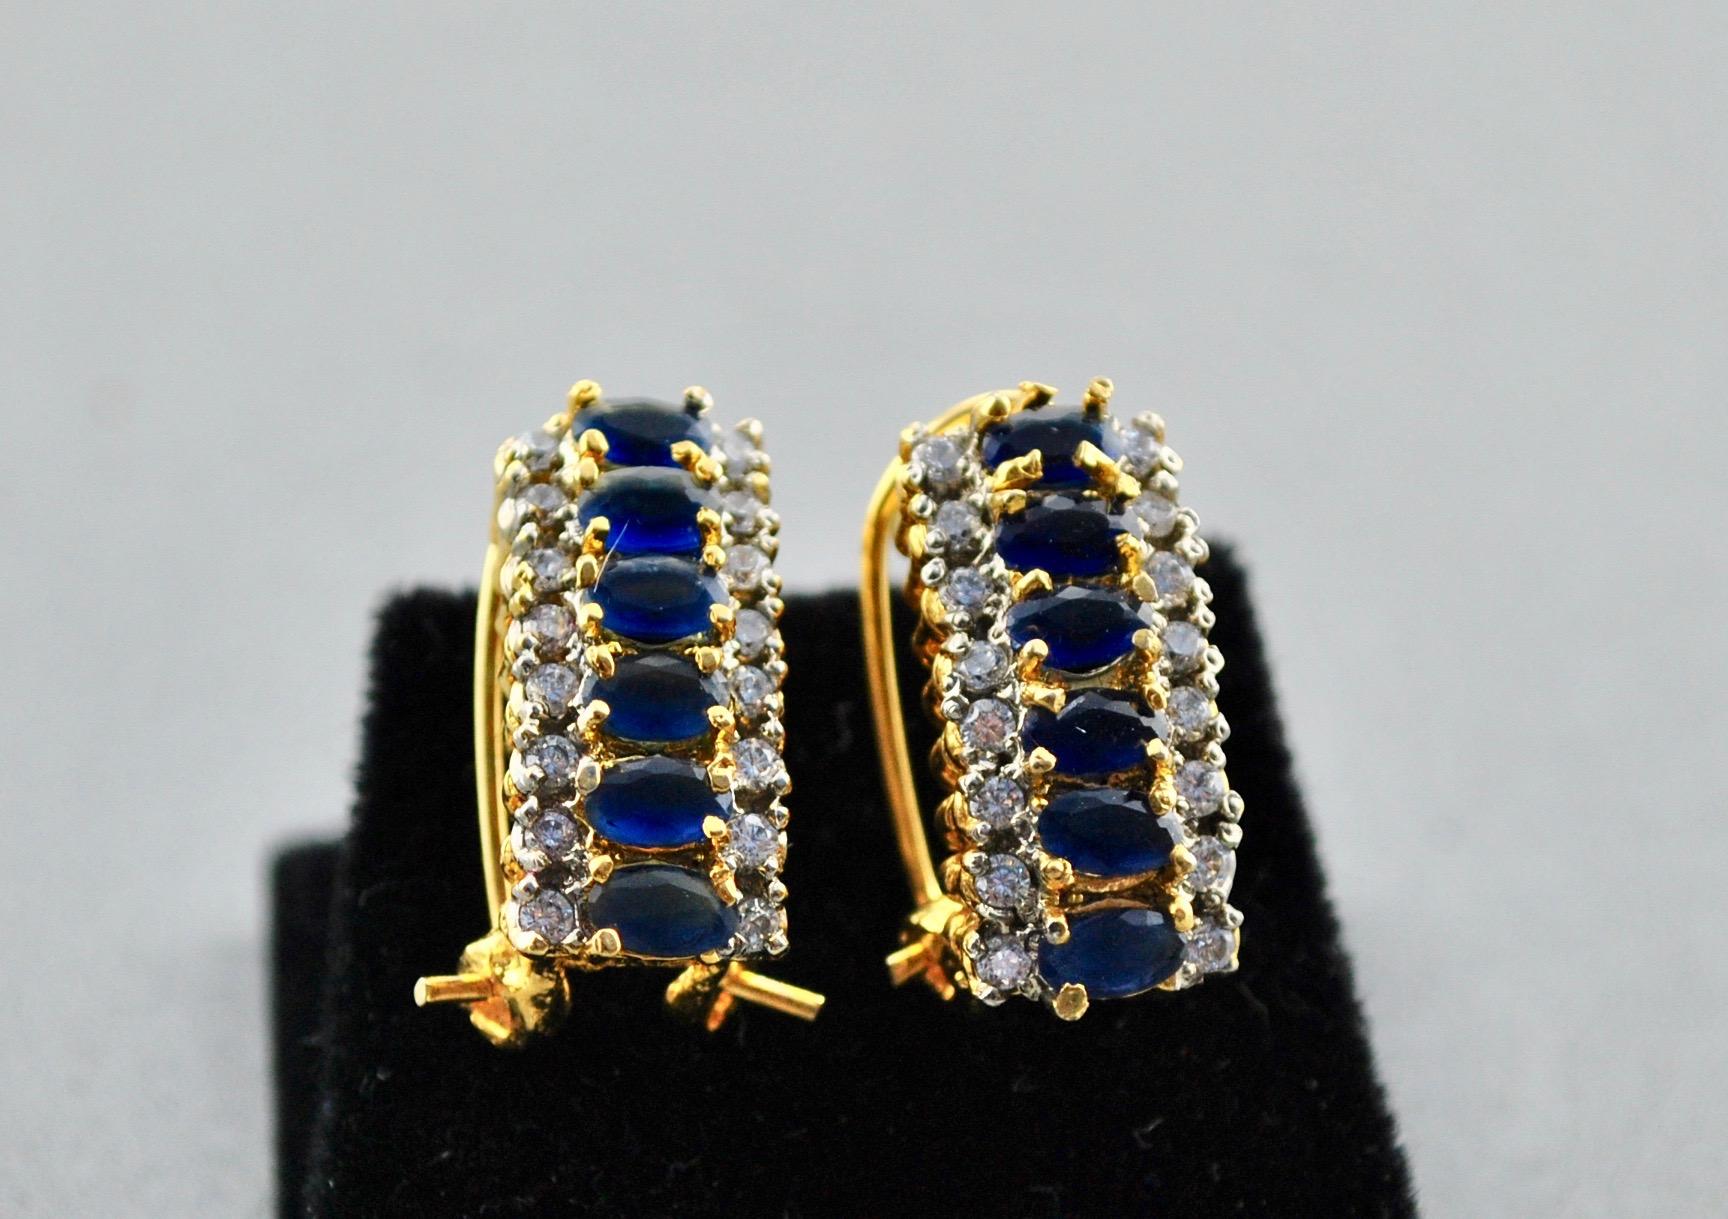 Navy and Zircon Earrings